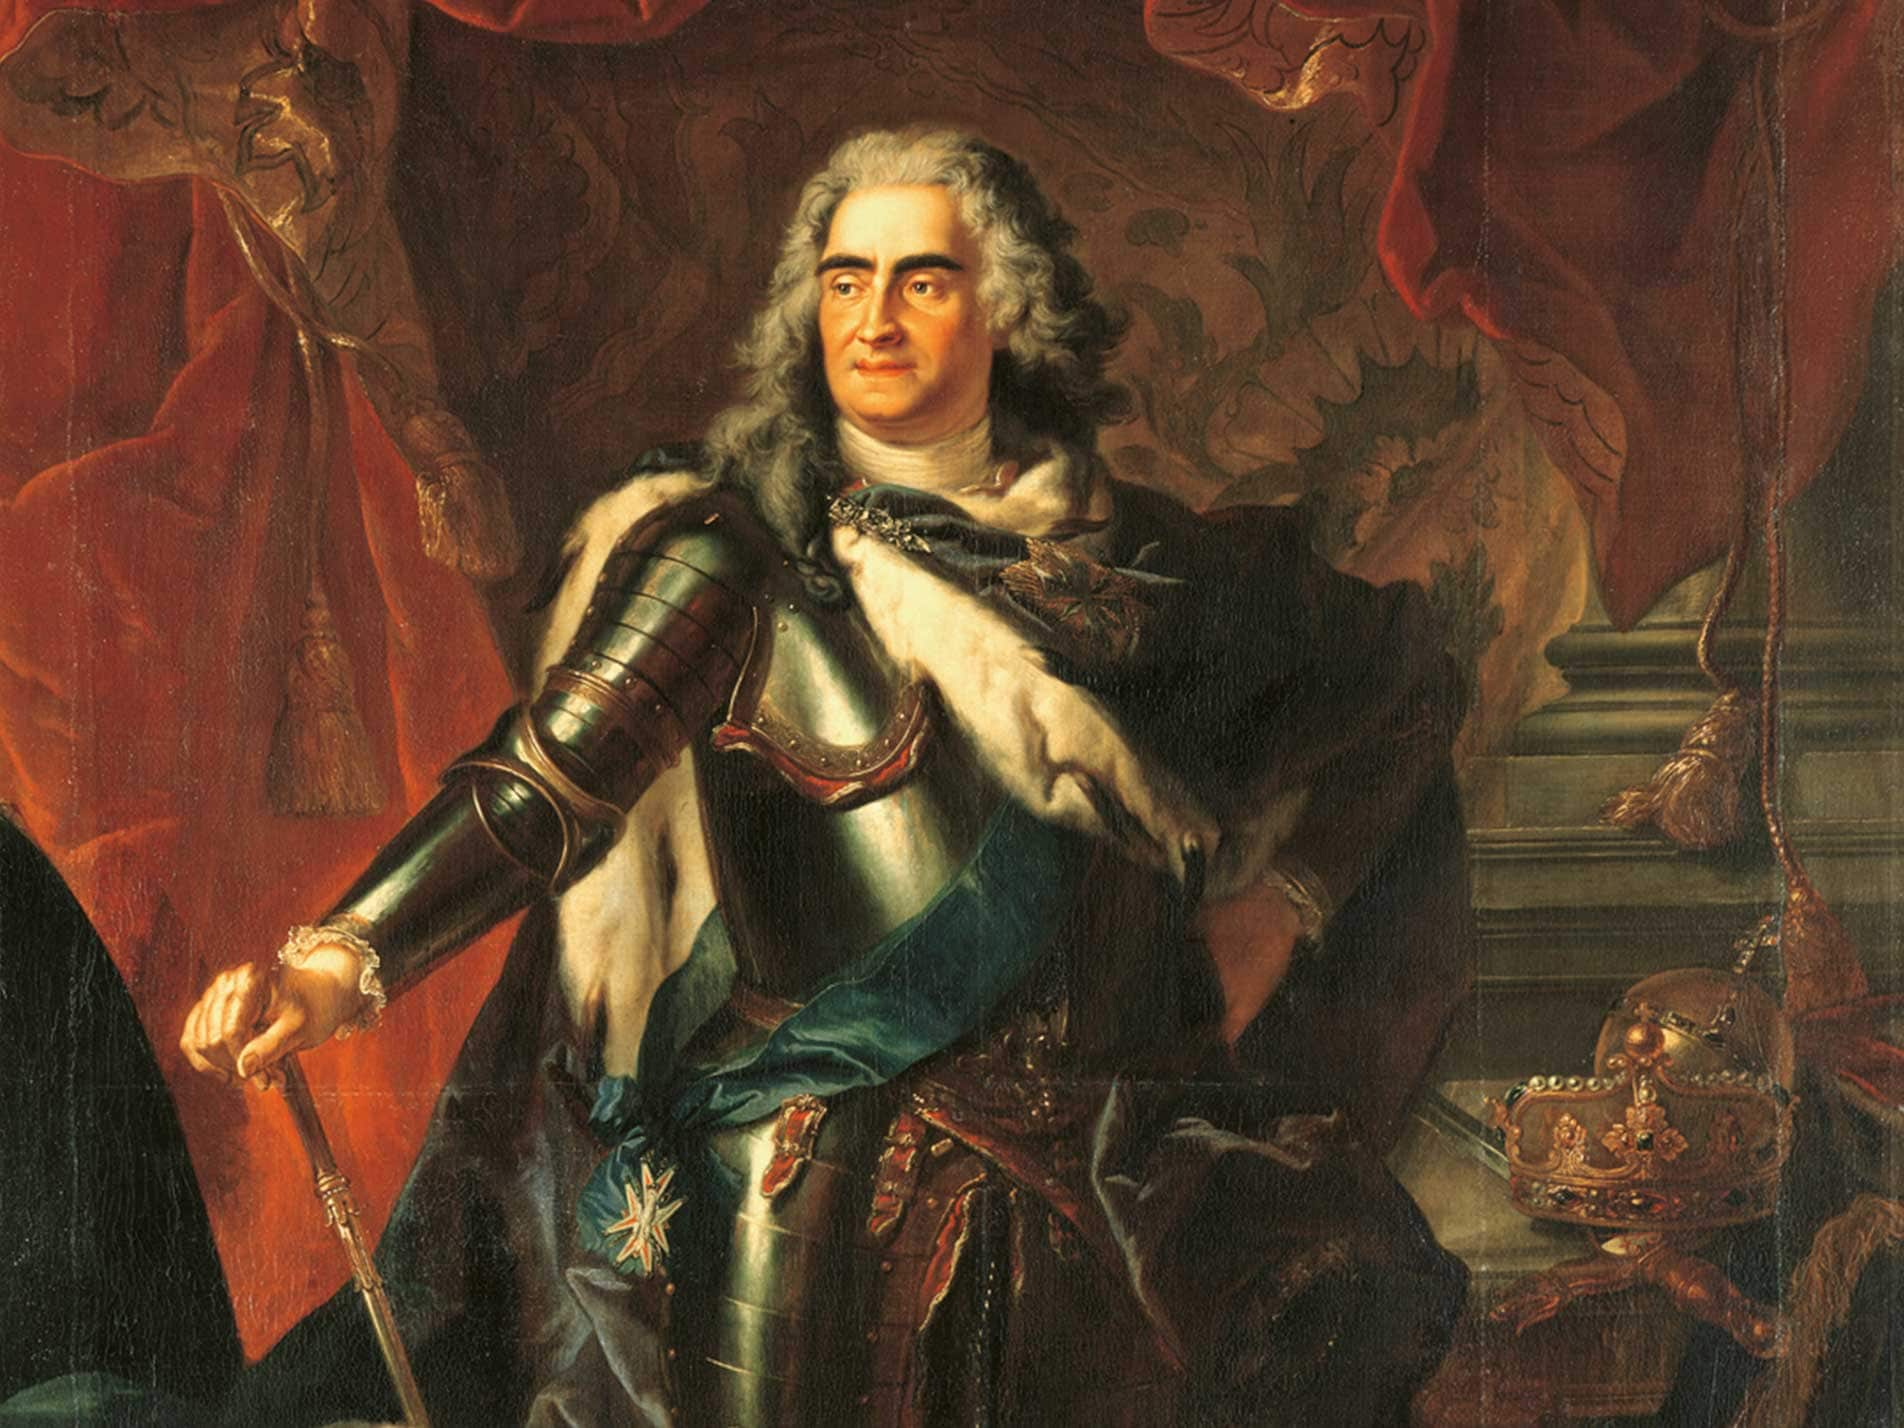 アウグスト強王の肖像画